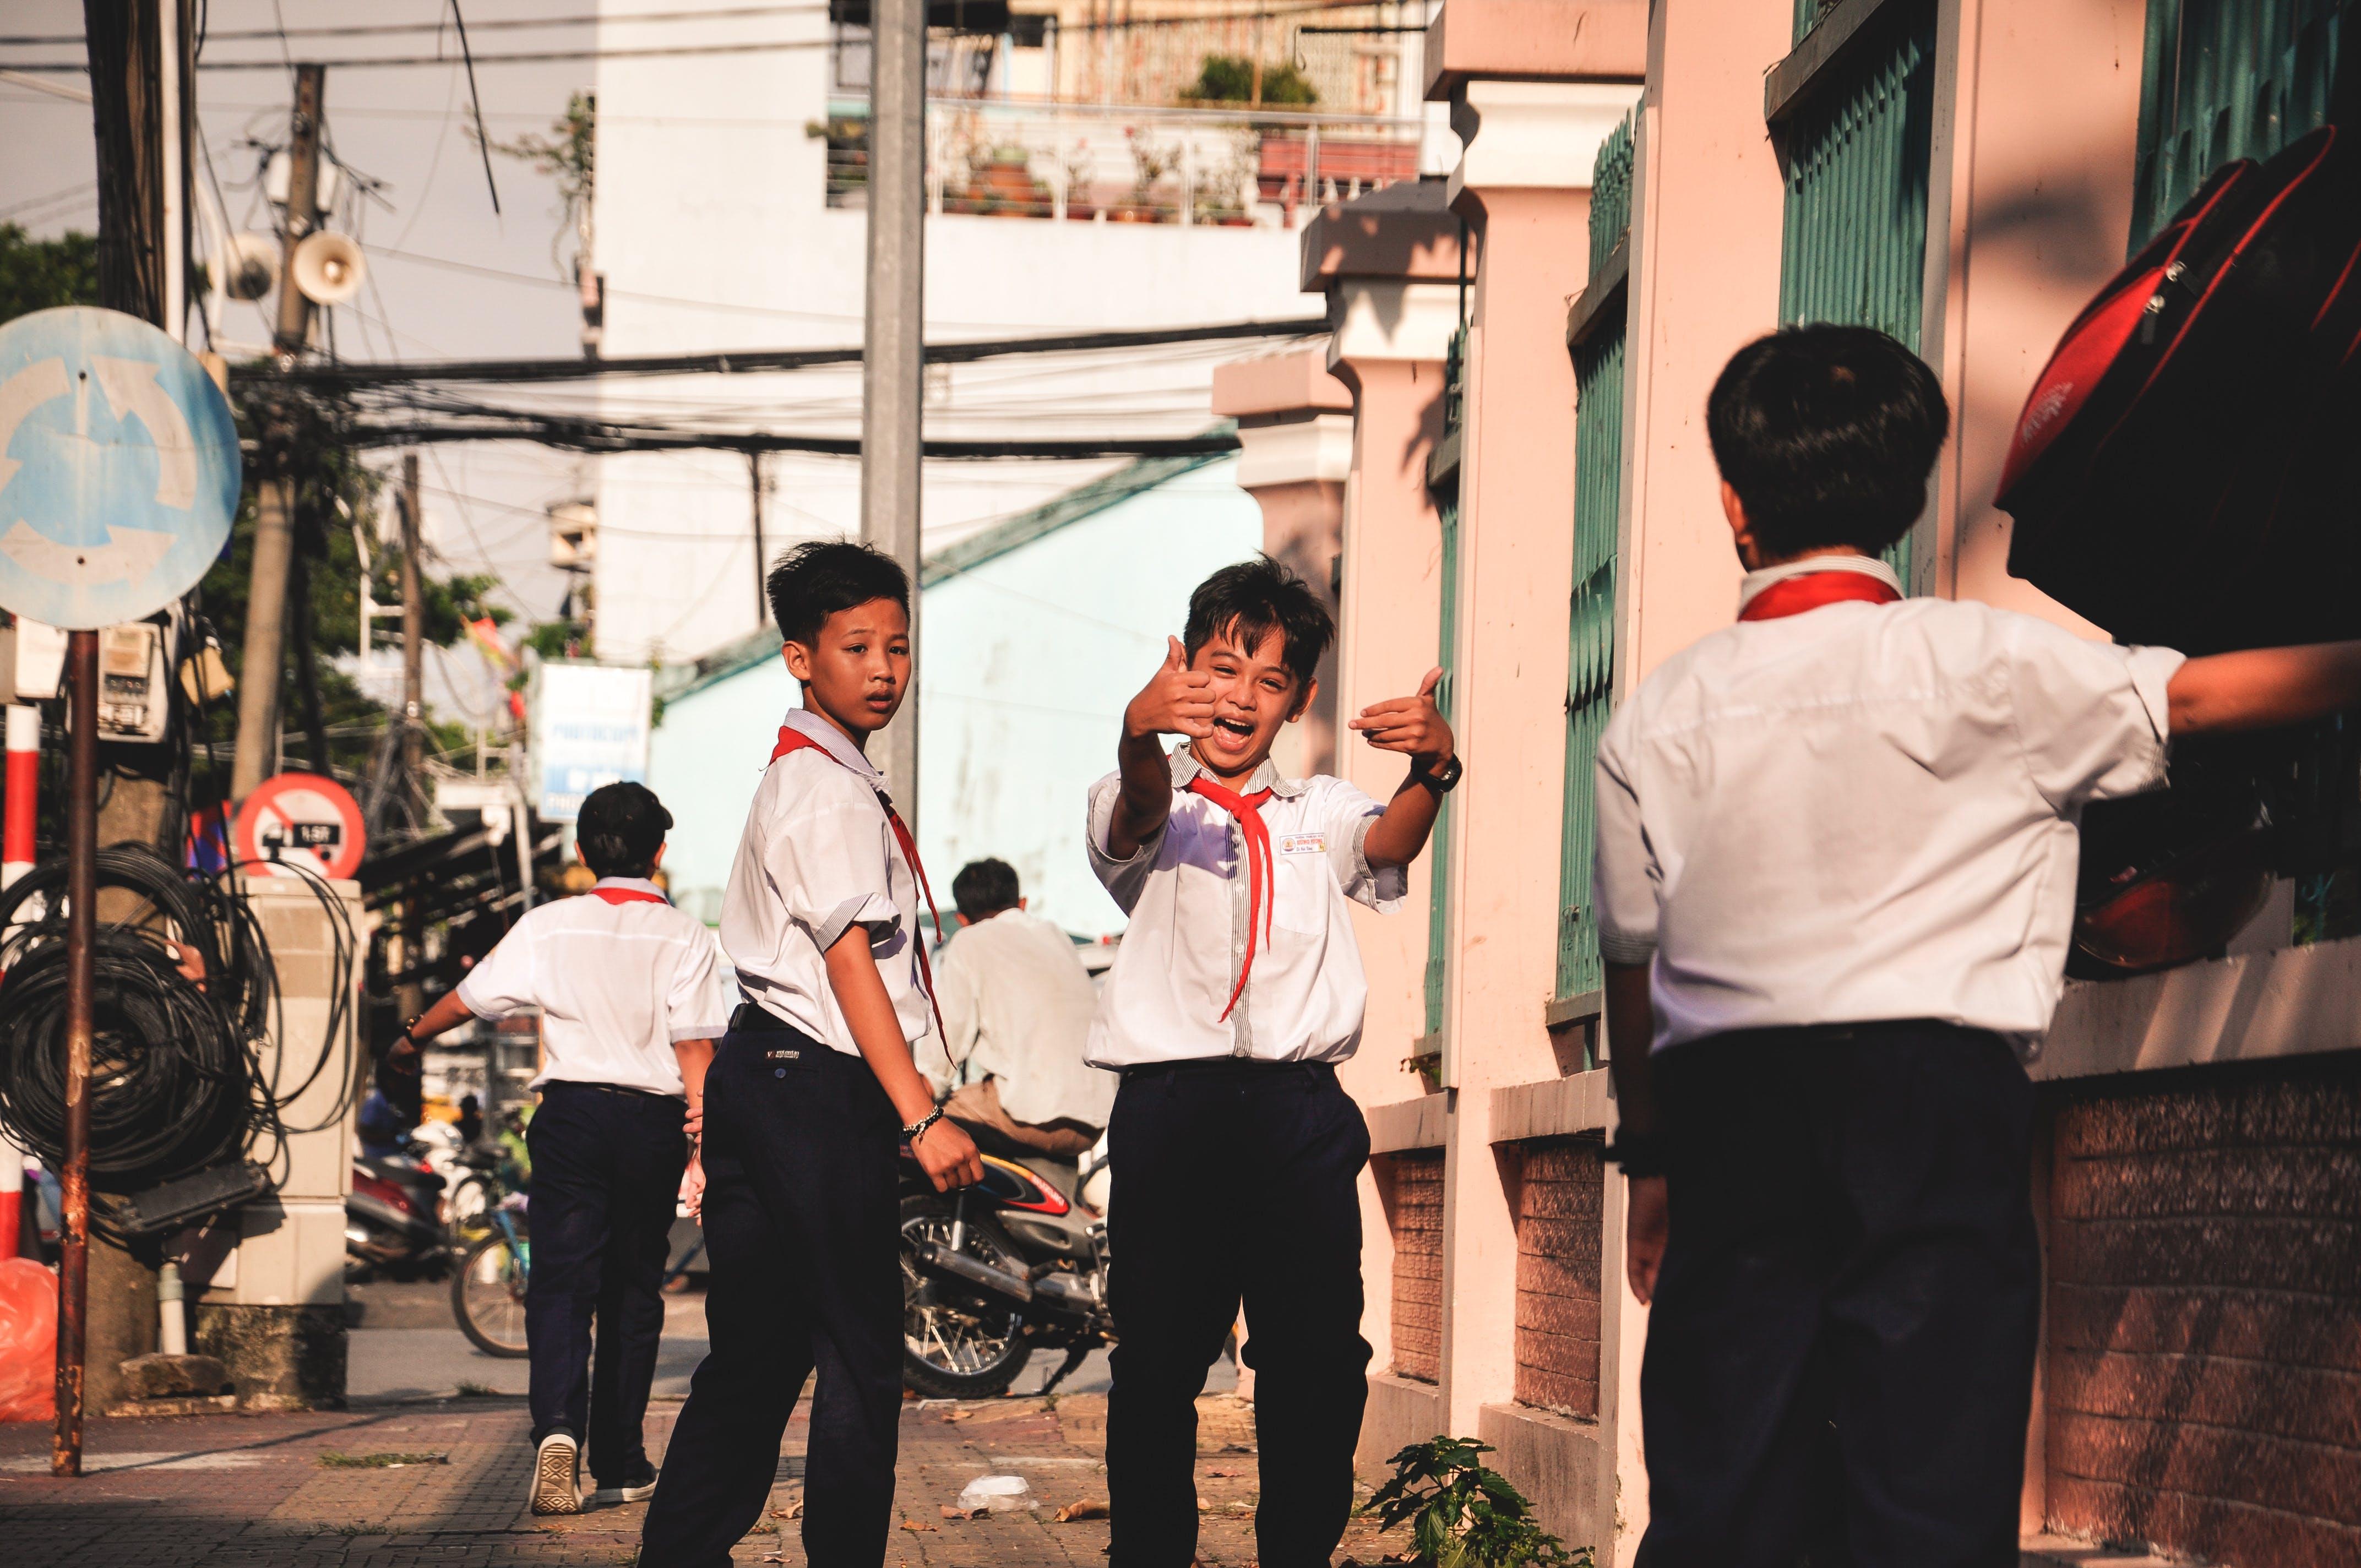 거리, 사람, 소년, 아이의 무료 스톡 사진